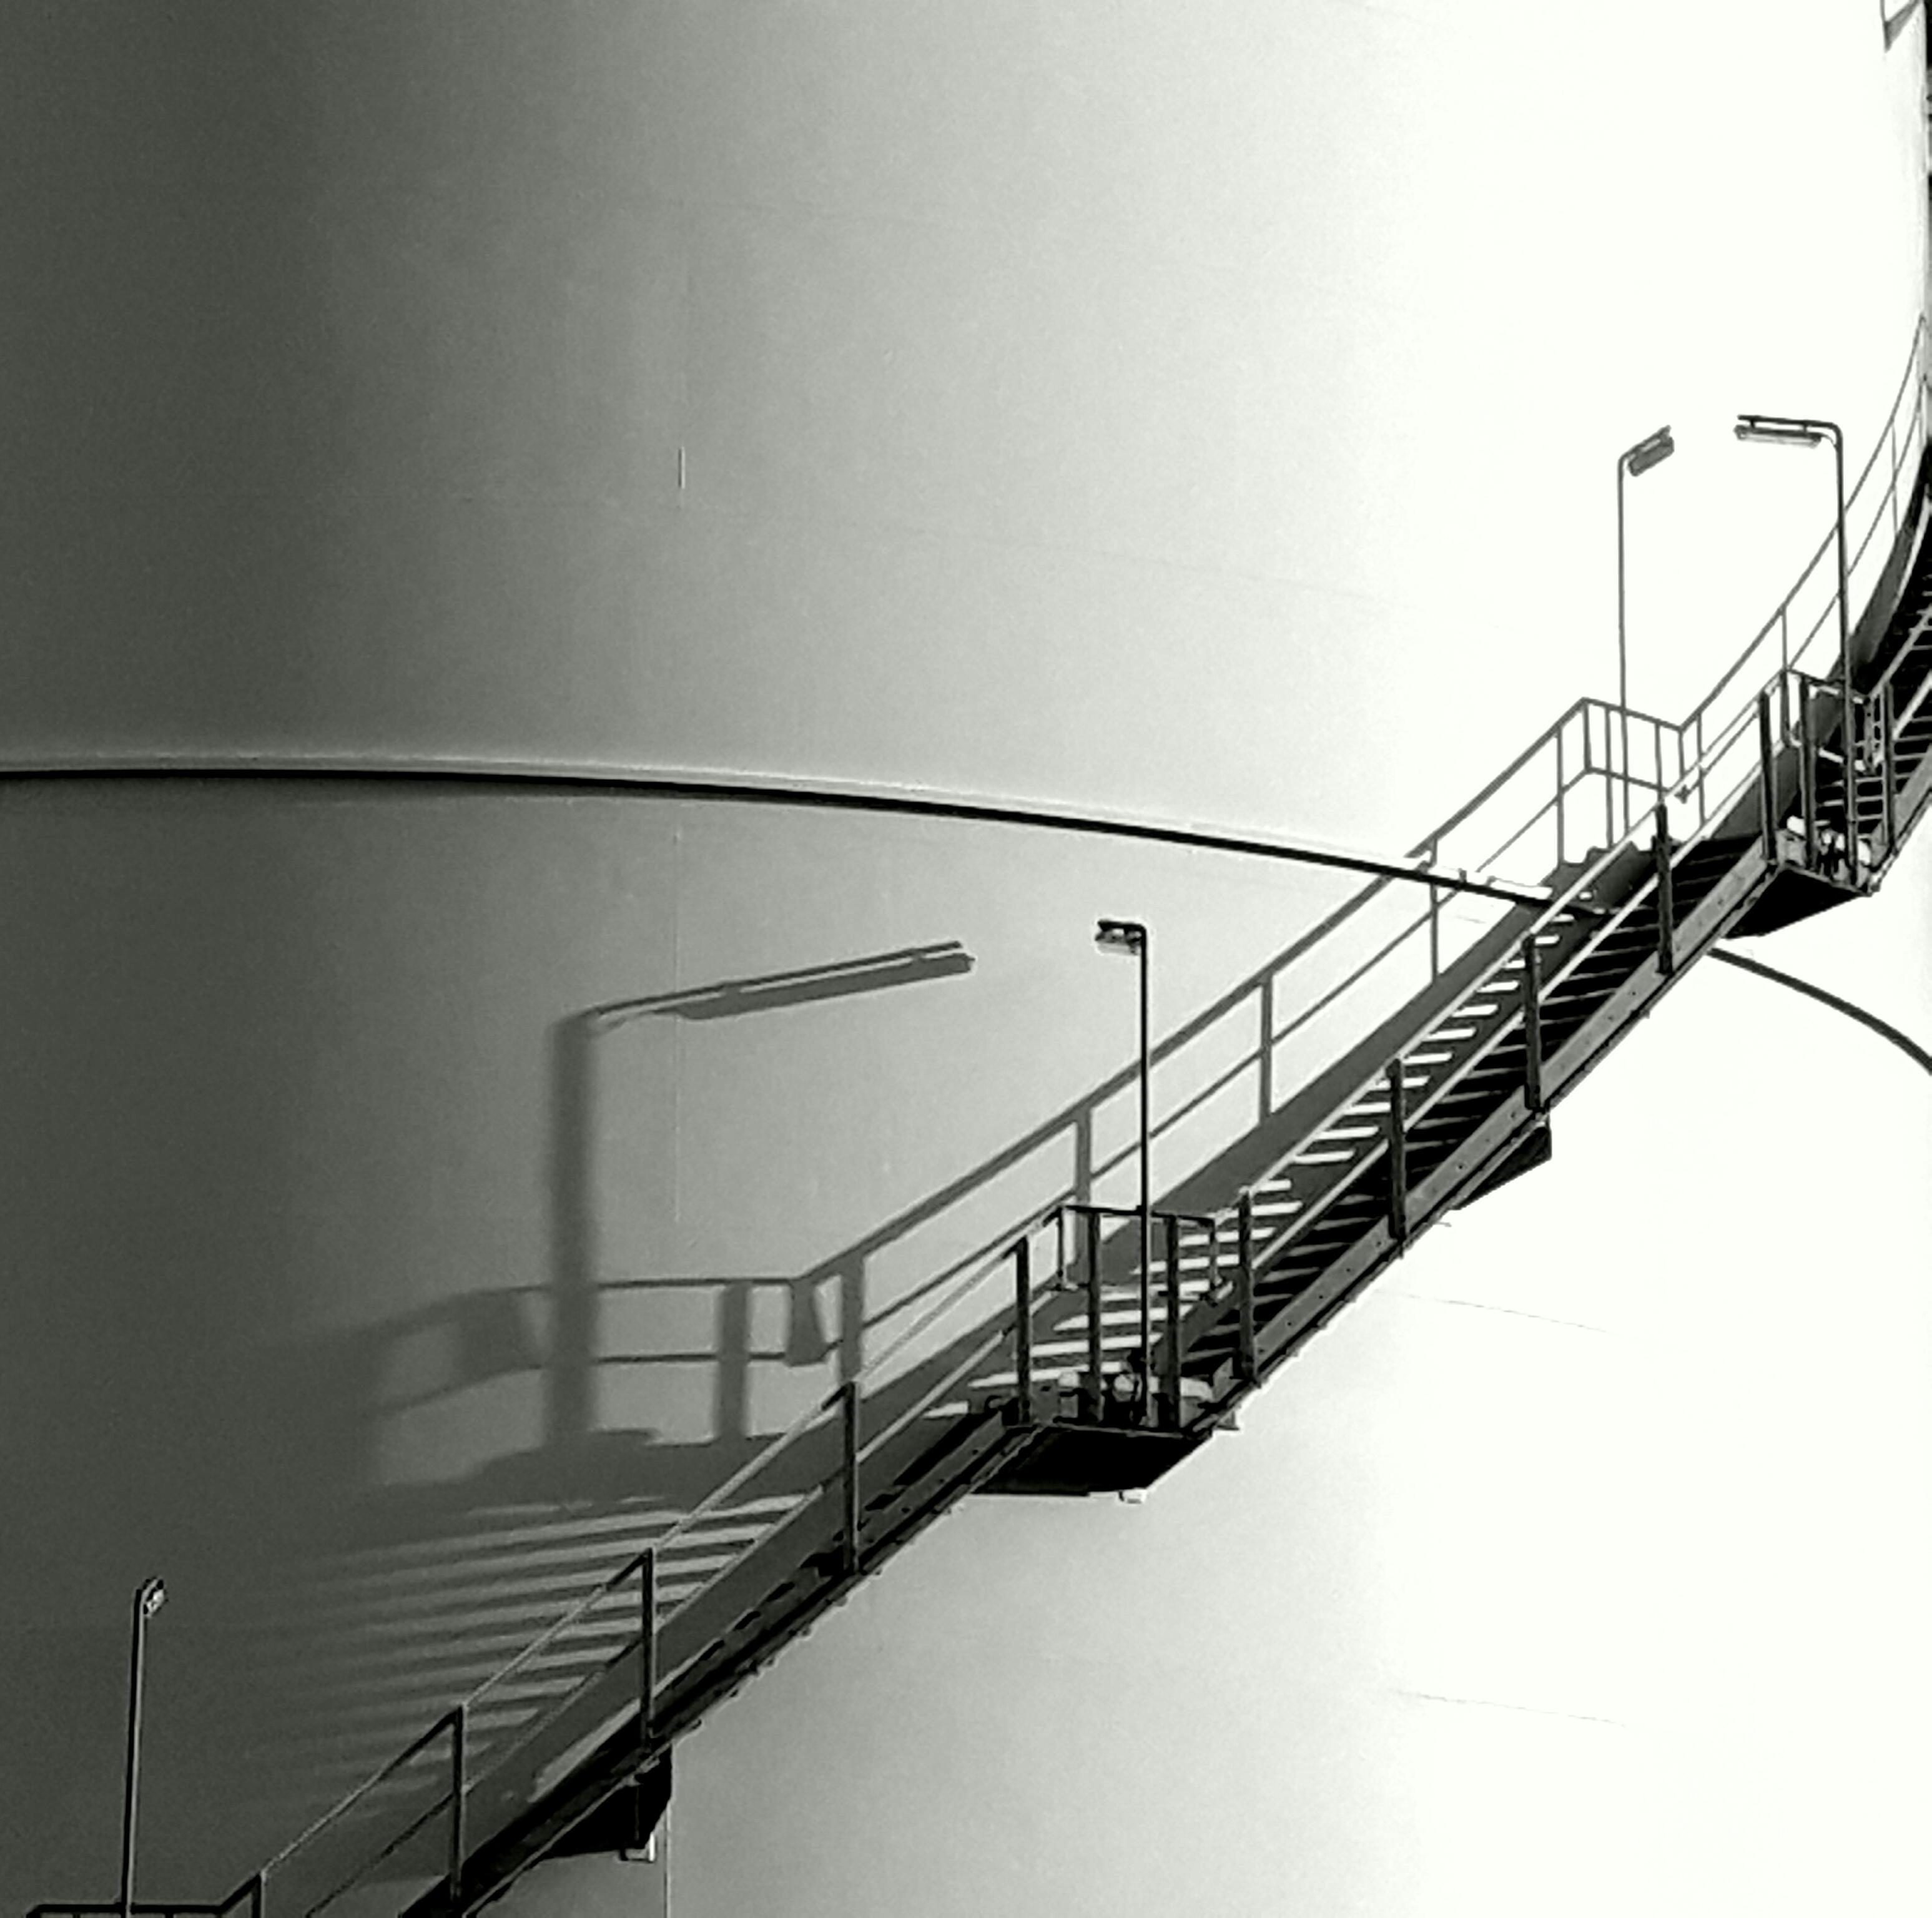 De kijk op architectuur van Haarlemse fotografe Alexa Hillen